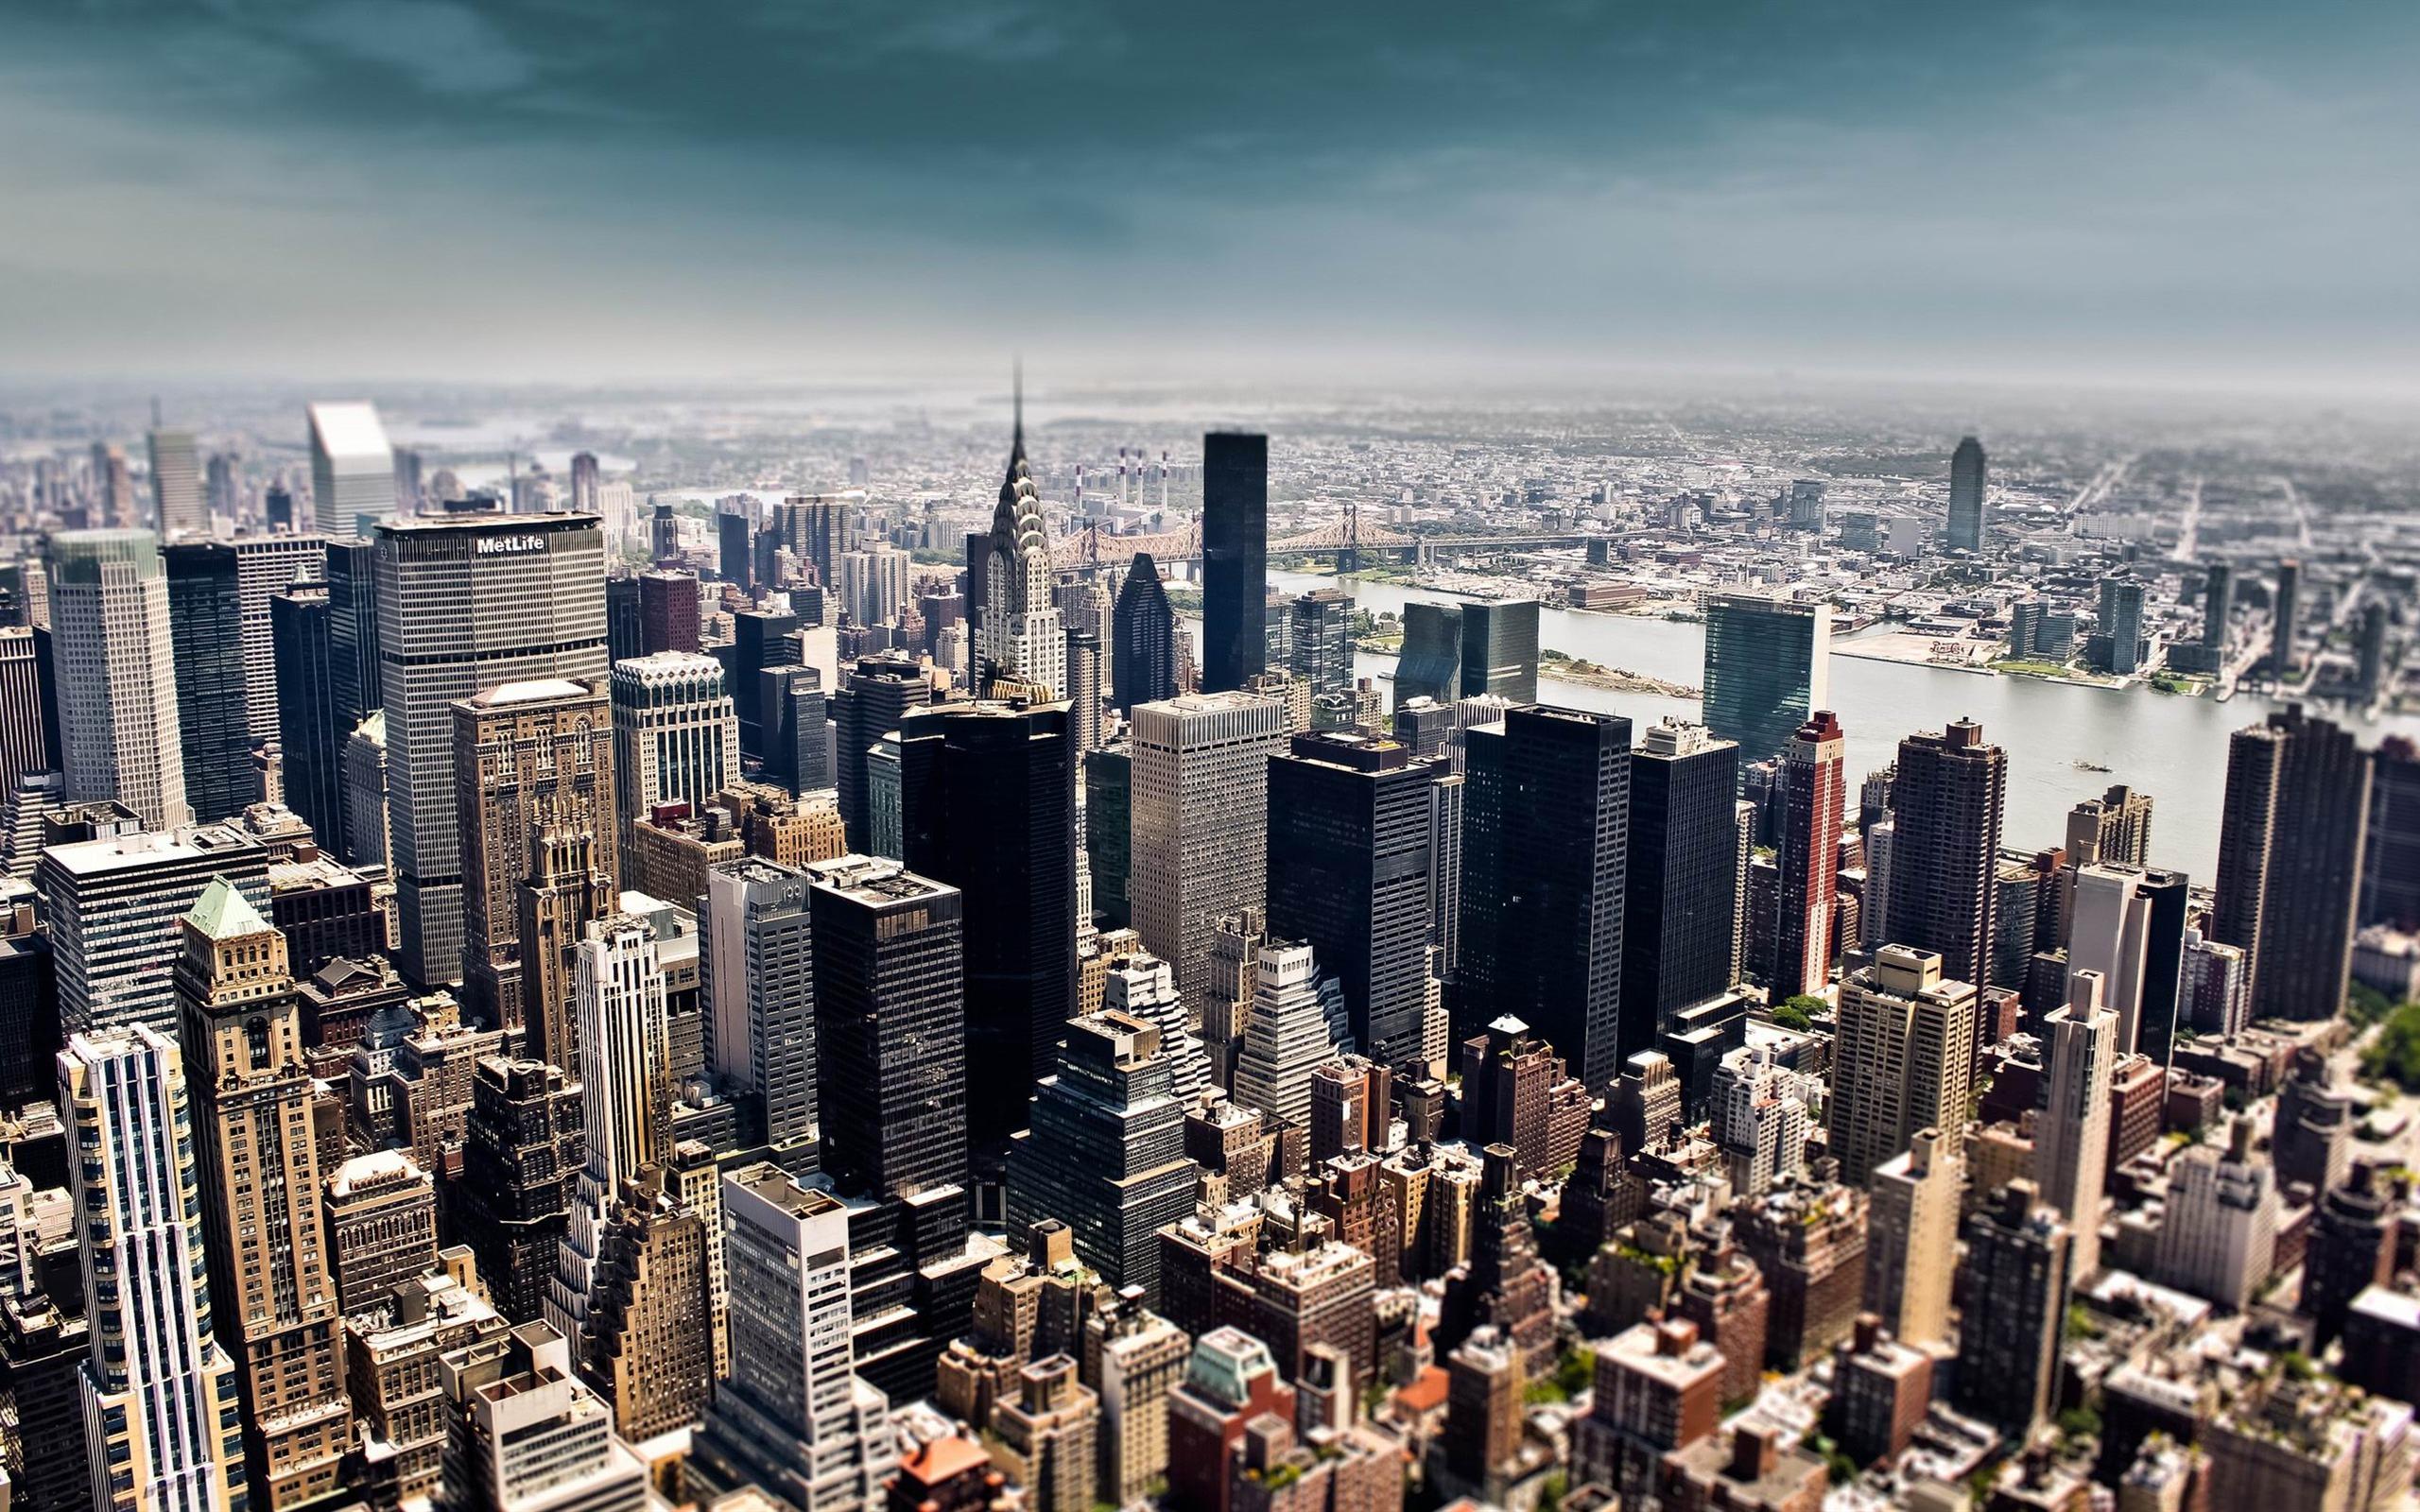 city landscape photography - photo #30